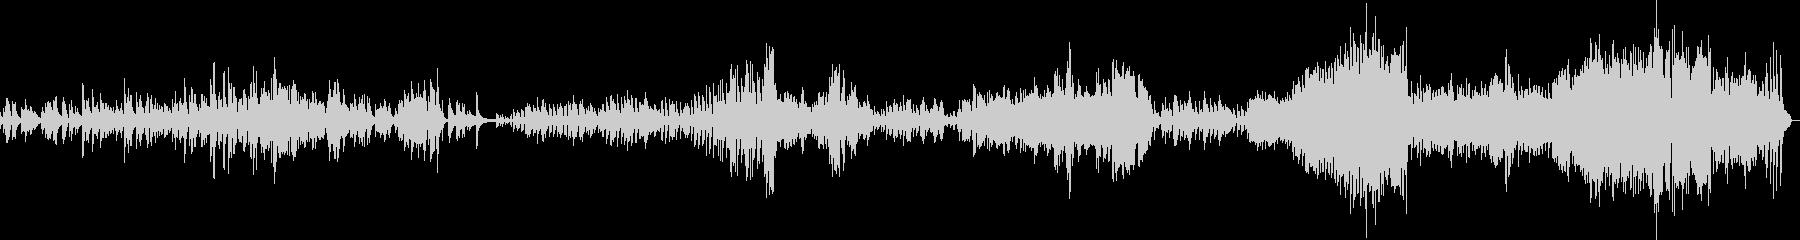 ショパン バラード Op47の未再生の波形